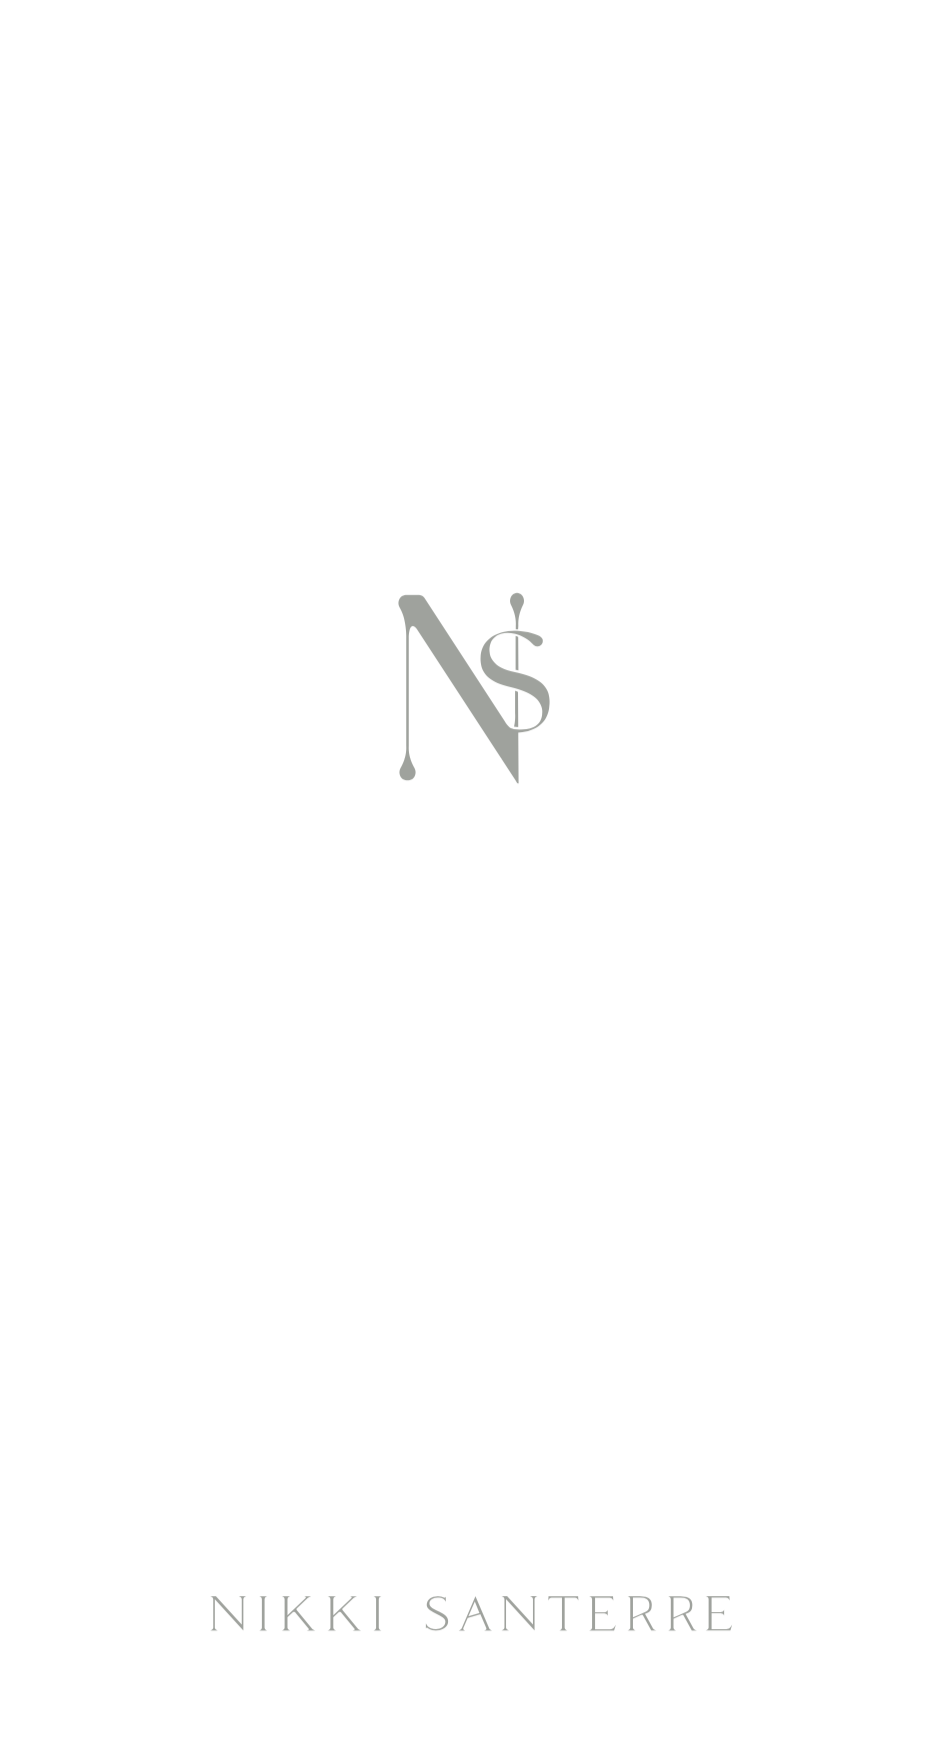 Sublogo and logotype chosen